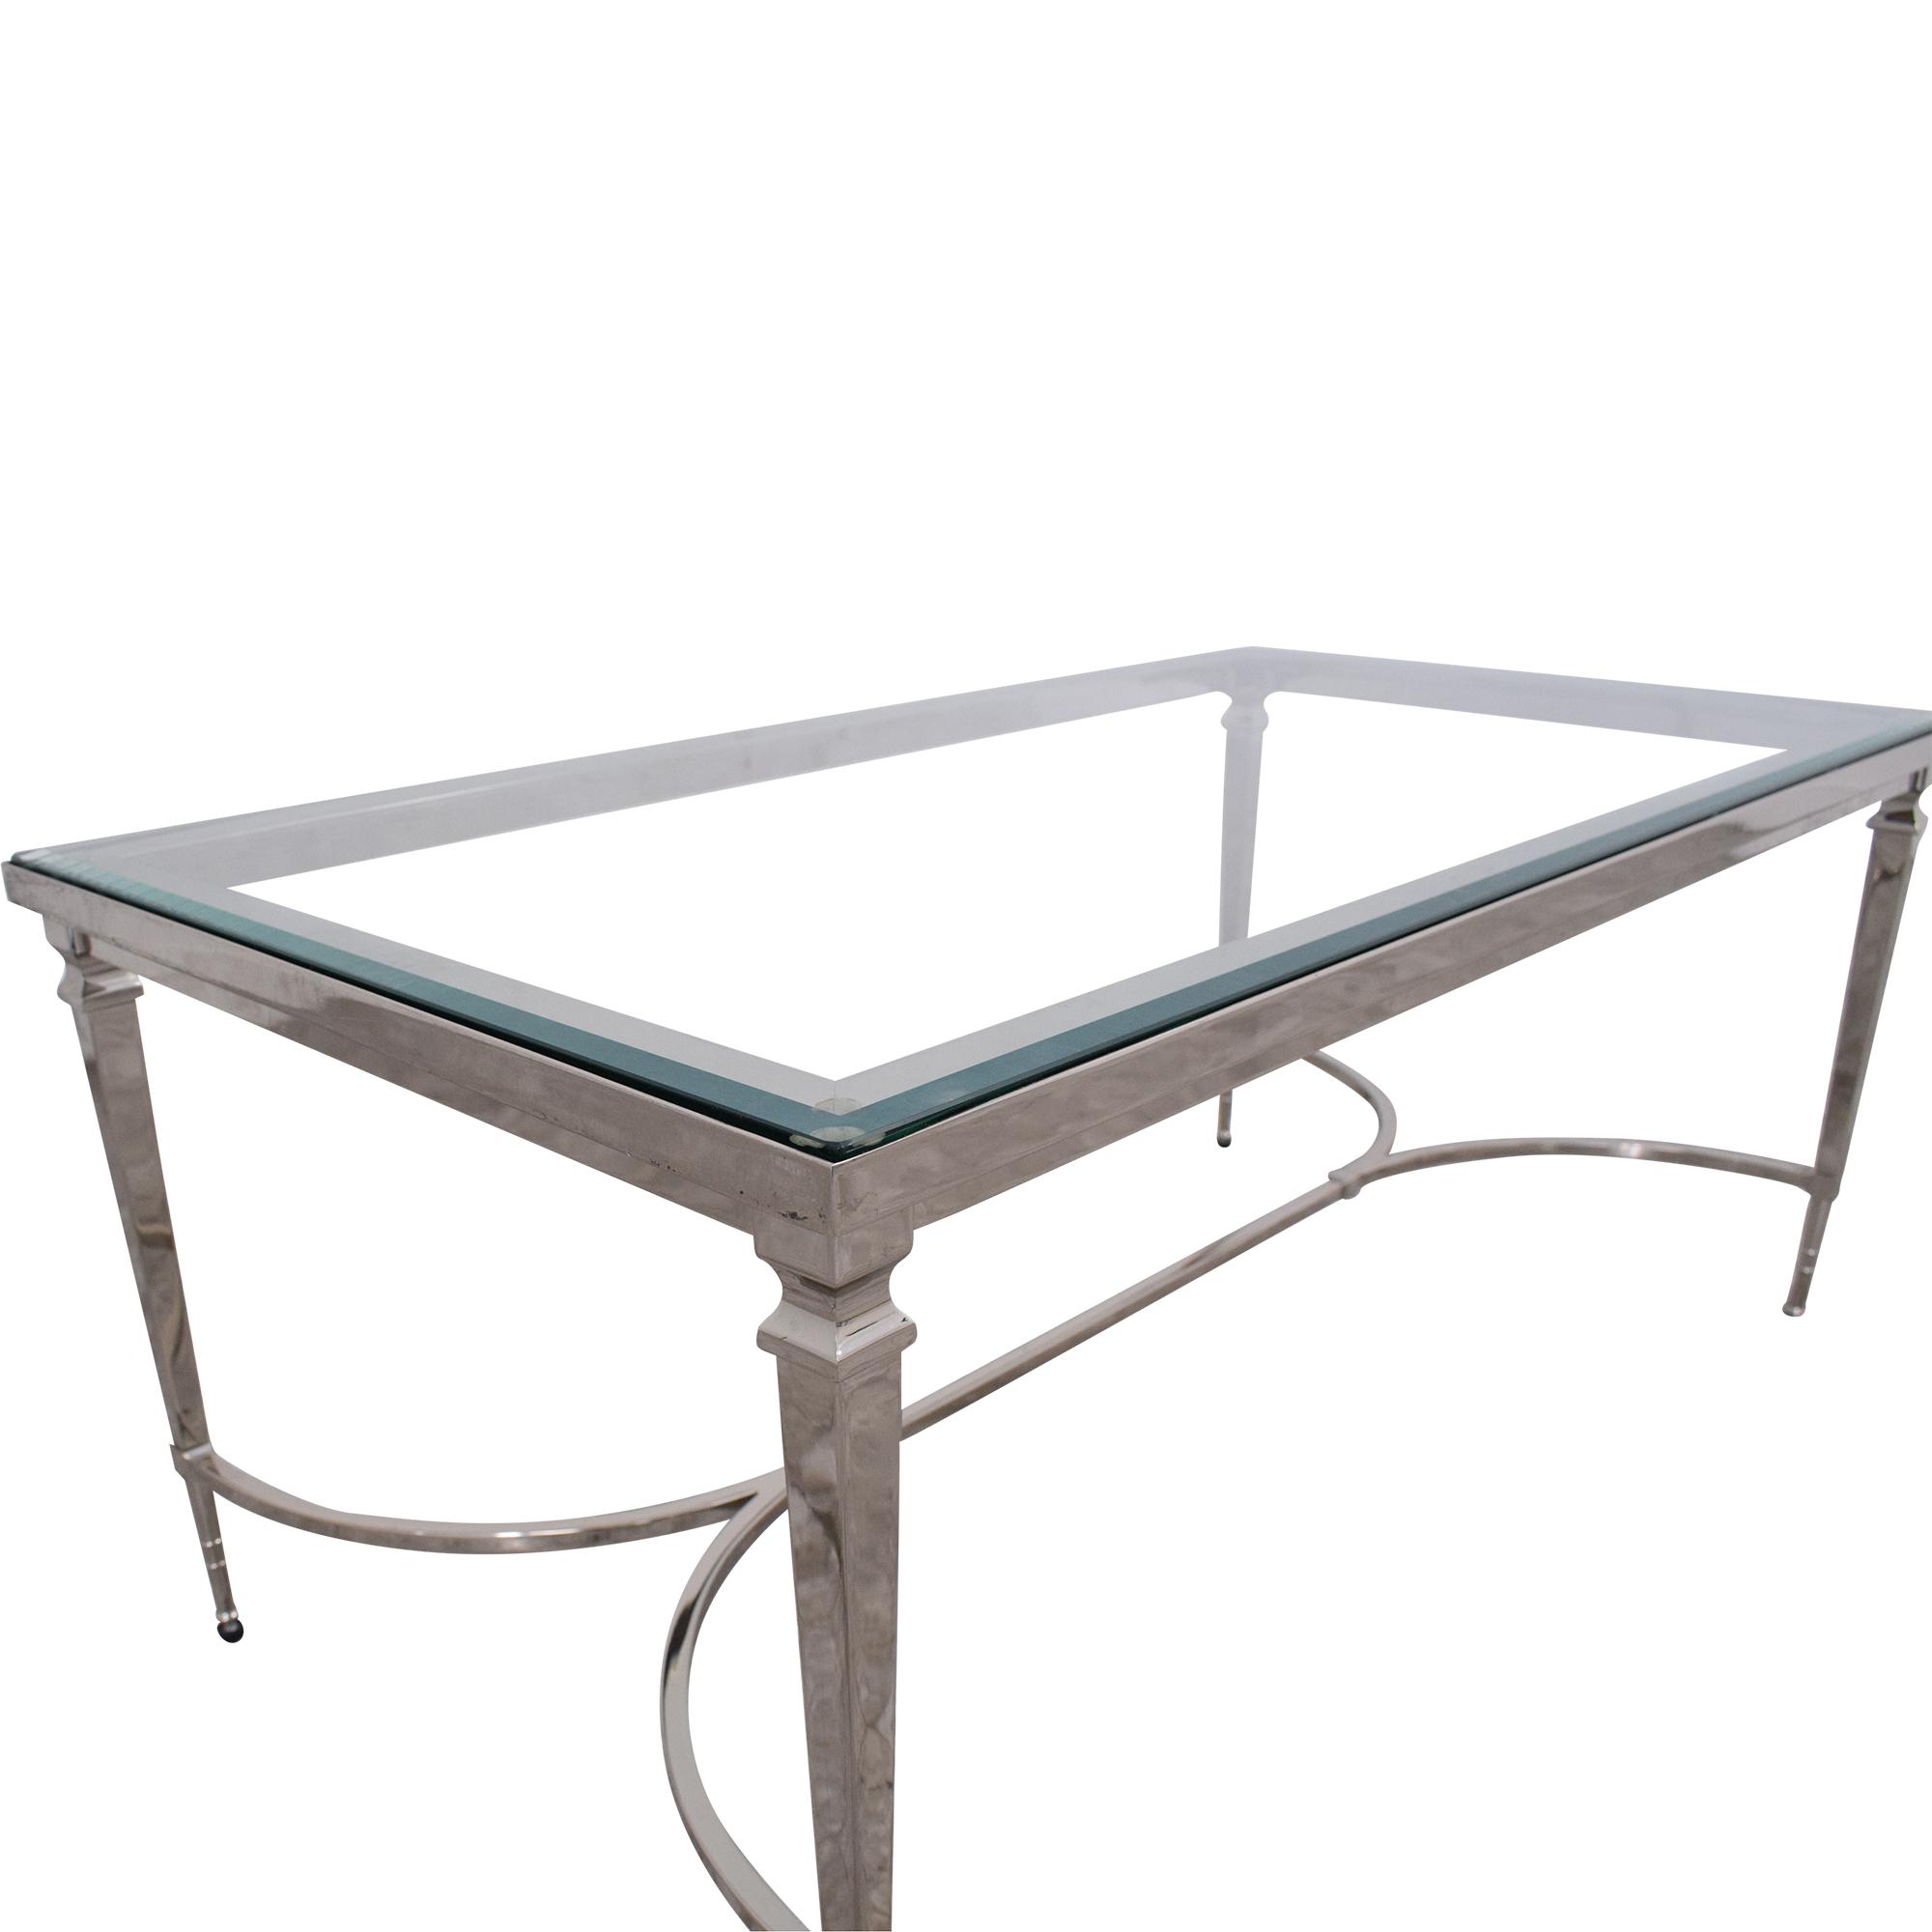 Williams Sonoma Williams Sonoma Cosmopolitan Coffee Table silver